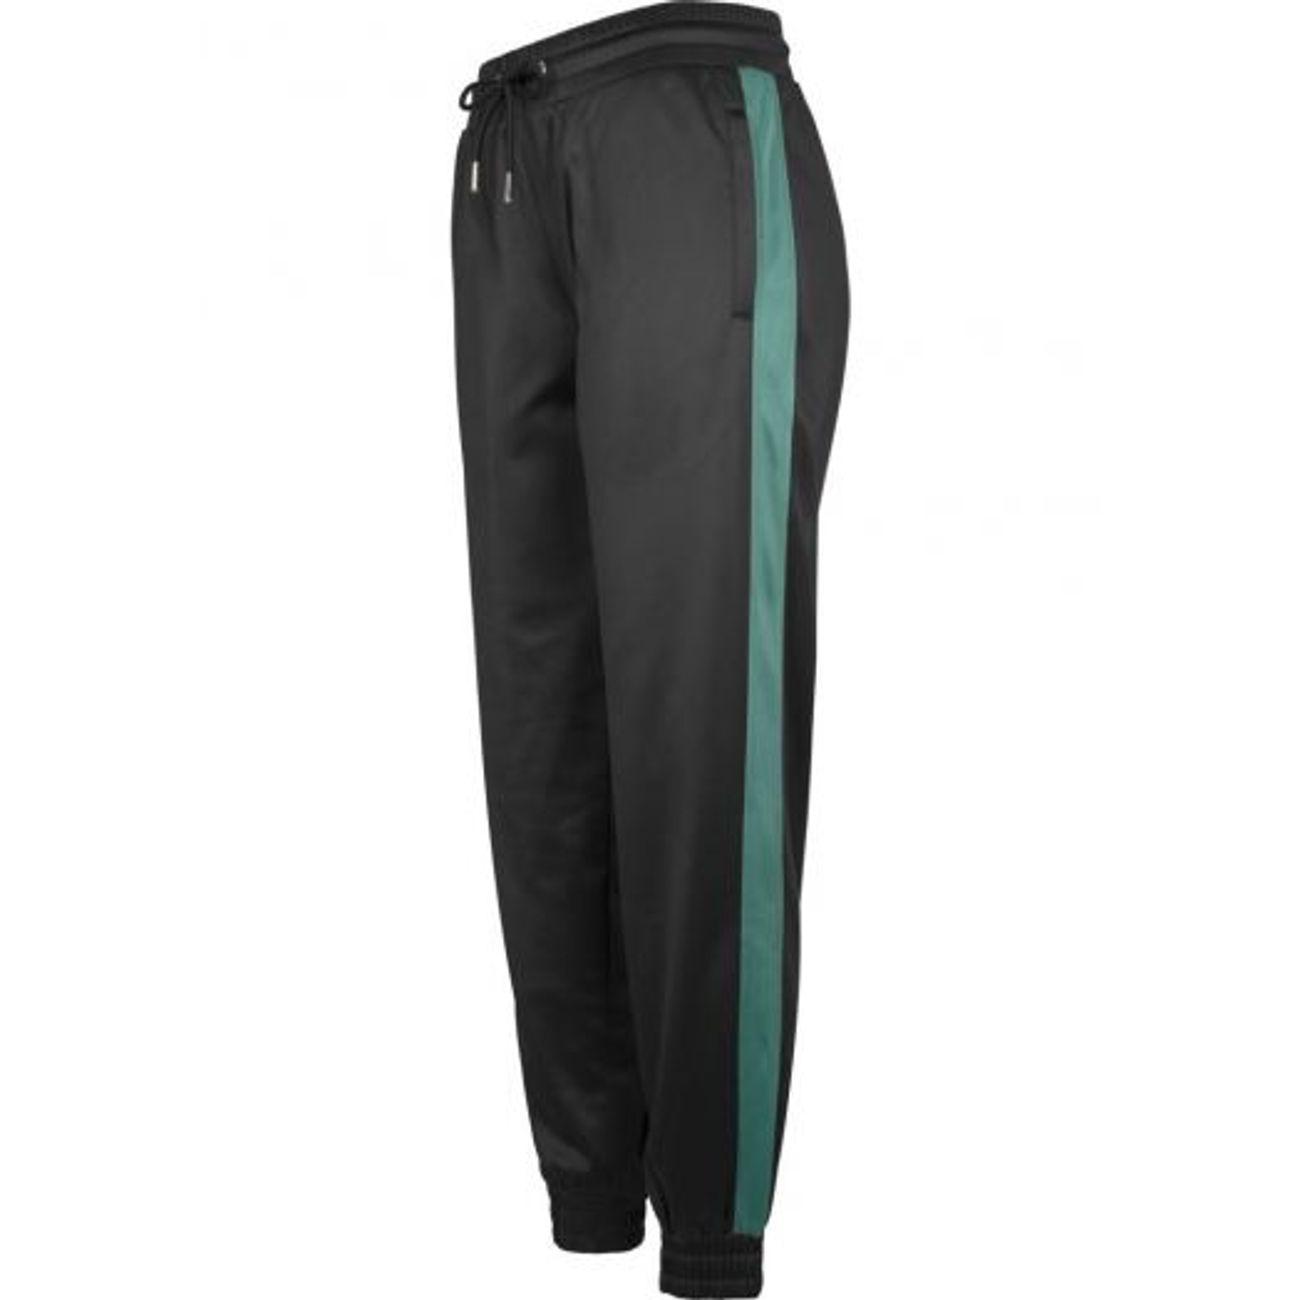 Mode- Lifestyle femme URBAN CLASSICS Bas de Jogging Urban Classics Femme  Noir Bandes Vert Rétro ... 8246b1a2200